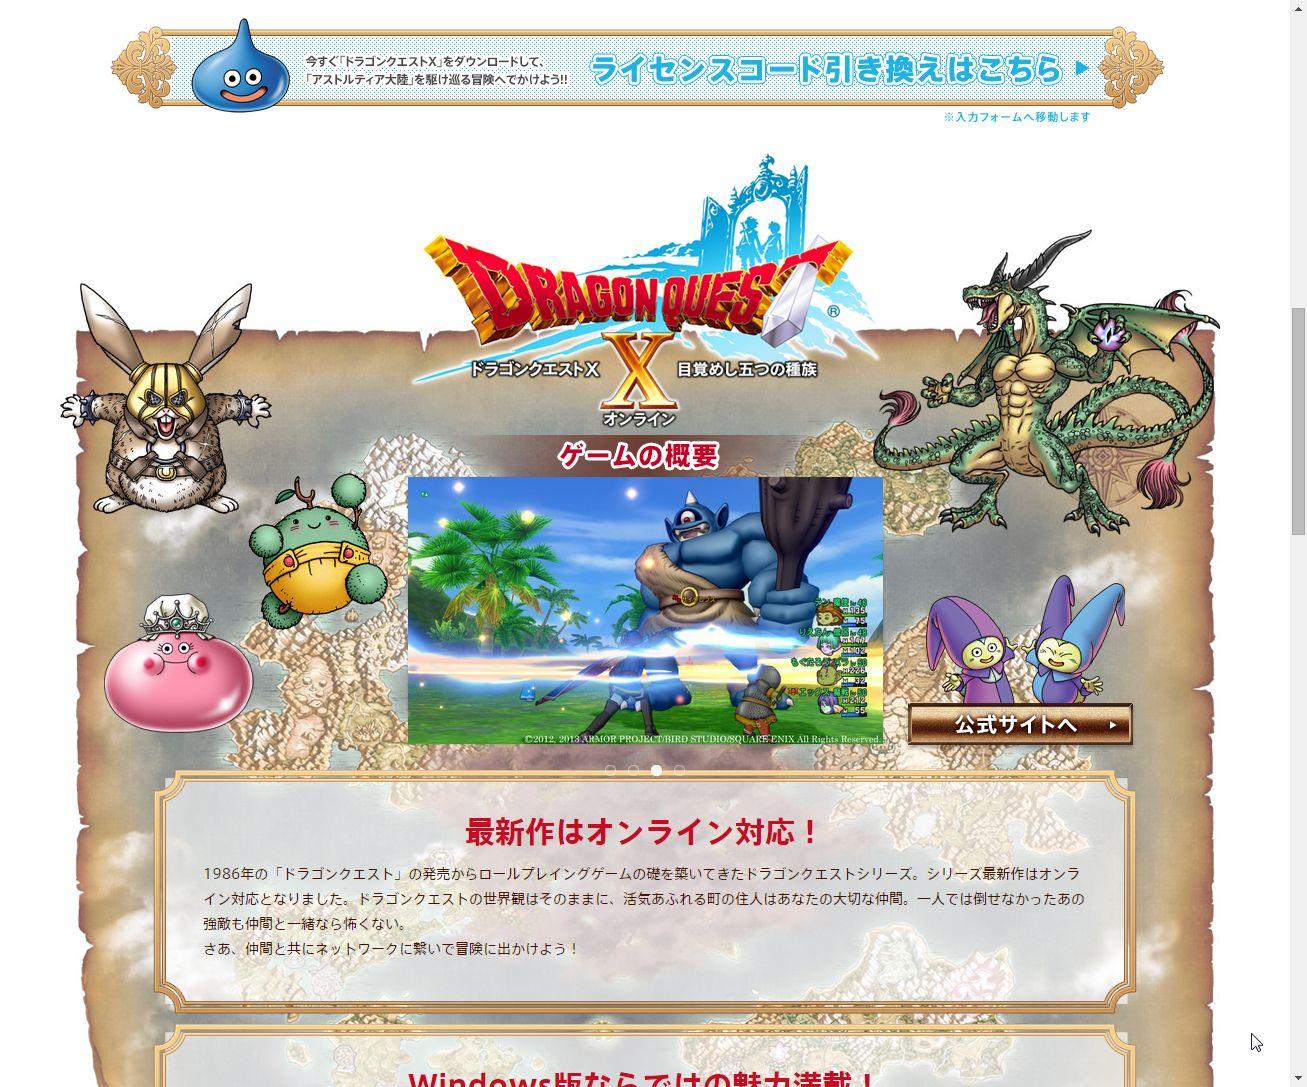 ドラゴンクエストX ダウンロードライセンスプレゼントキャンペーン03